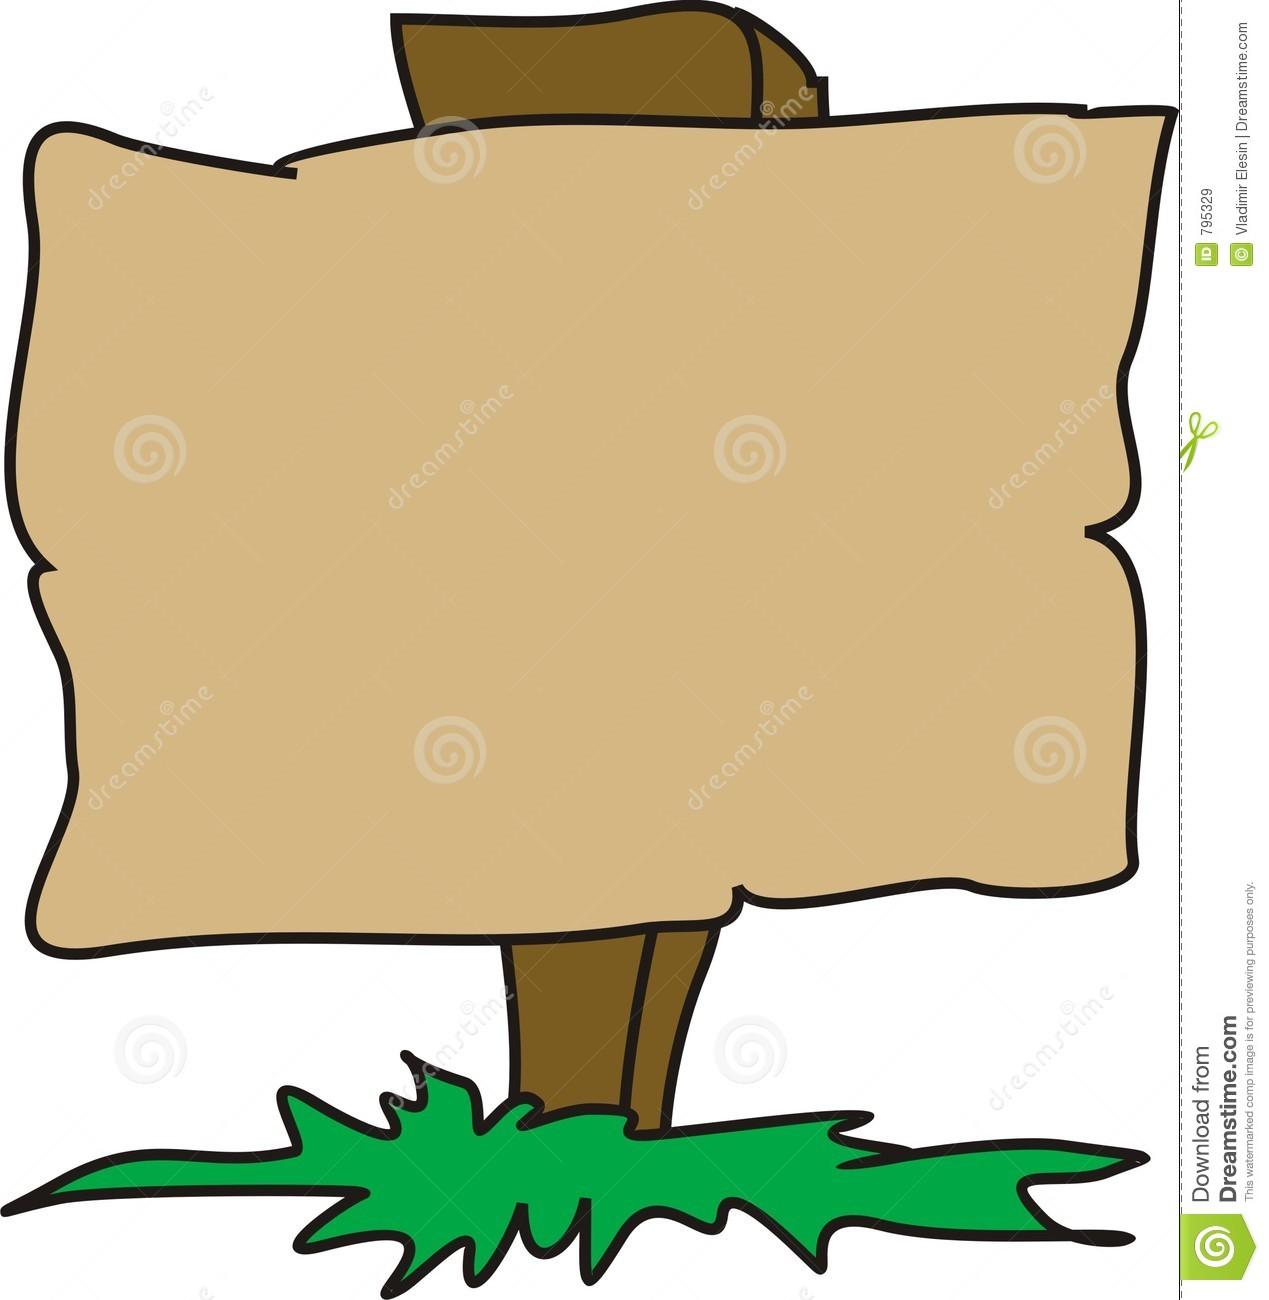 Sign Form Clipart Cliparthut Free Clipar-Sign Form Clipart Cliparthut Free Clipart-4